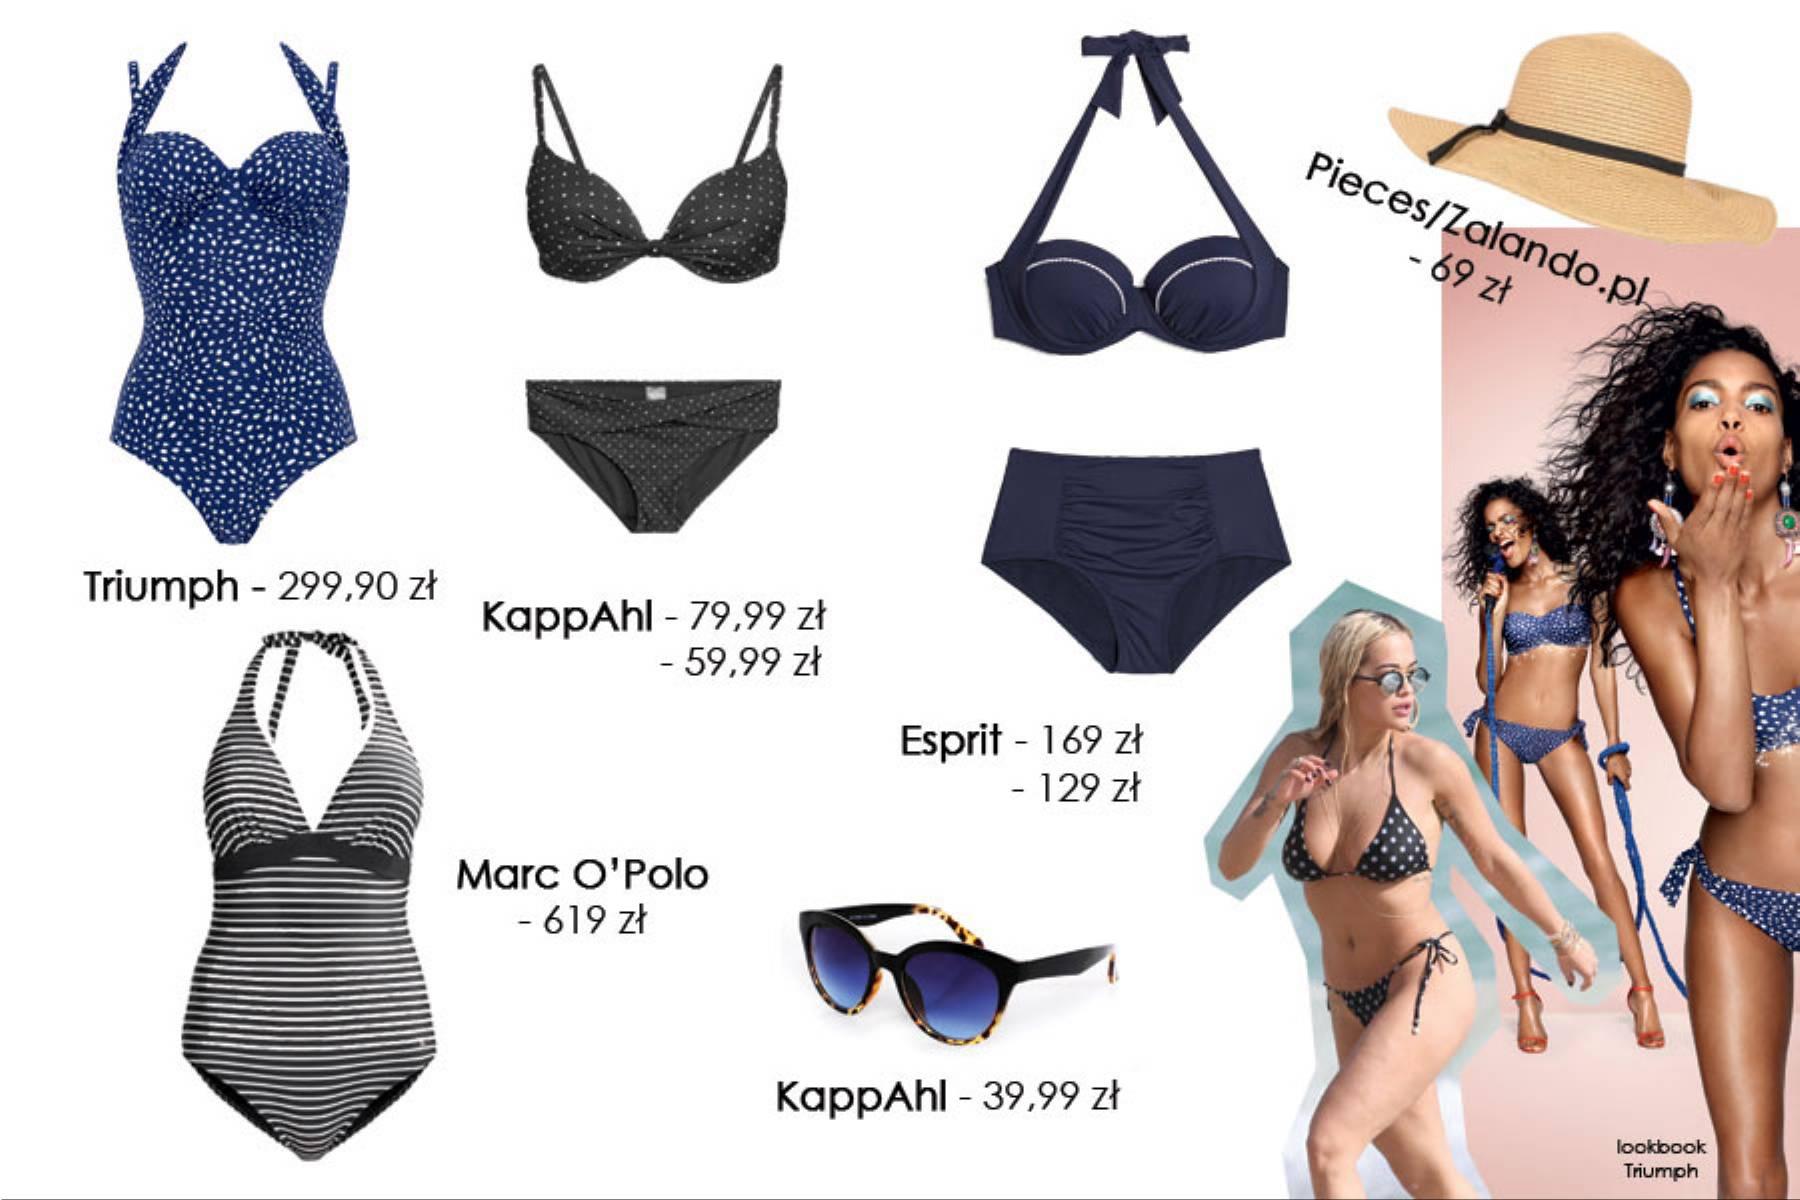 67831f9fc2d709 Kostiumy kąpielowe lato 2017 - pierwsza przymiarka - KobietaMag.pl